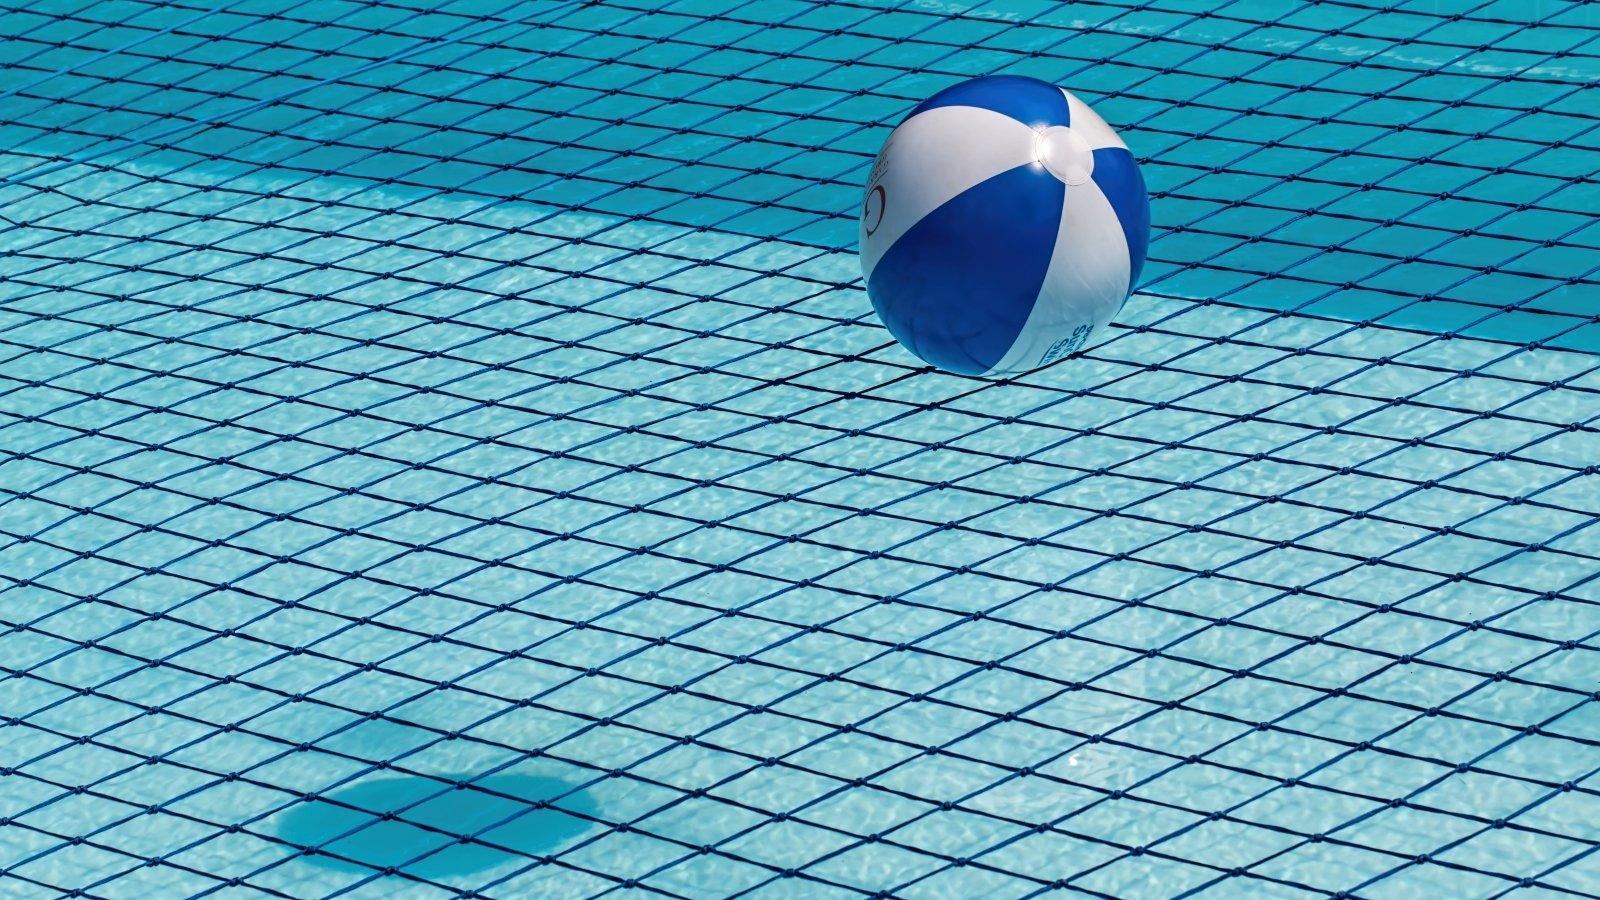 strandlabda, emberek, strand, közösség, összekapcsolódás